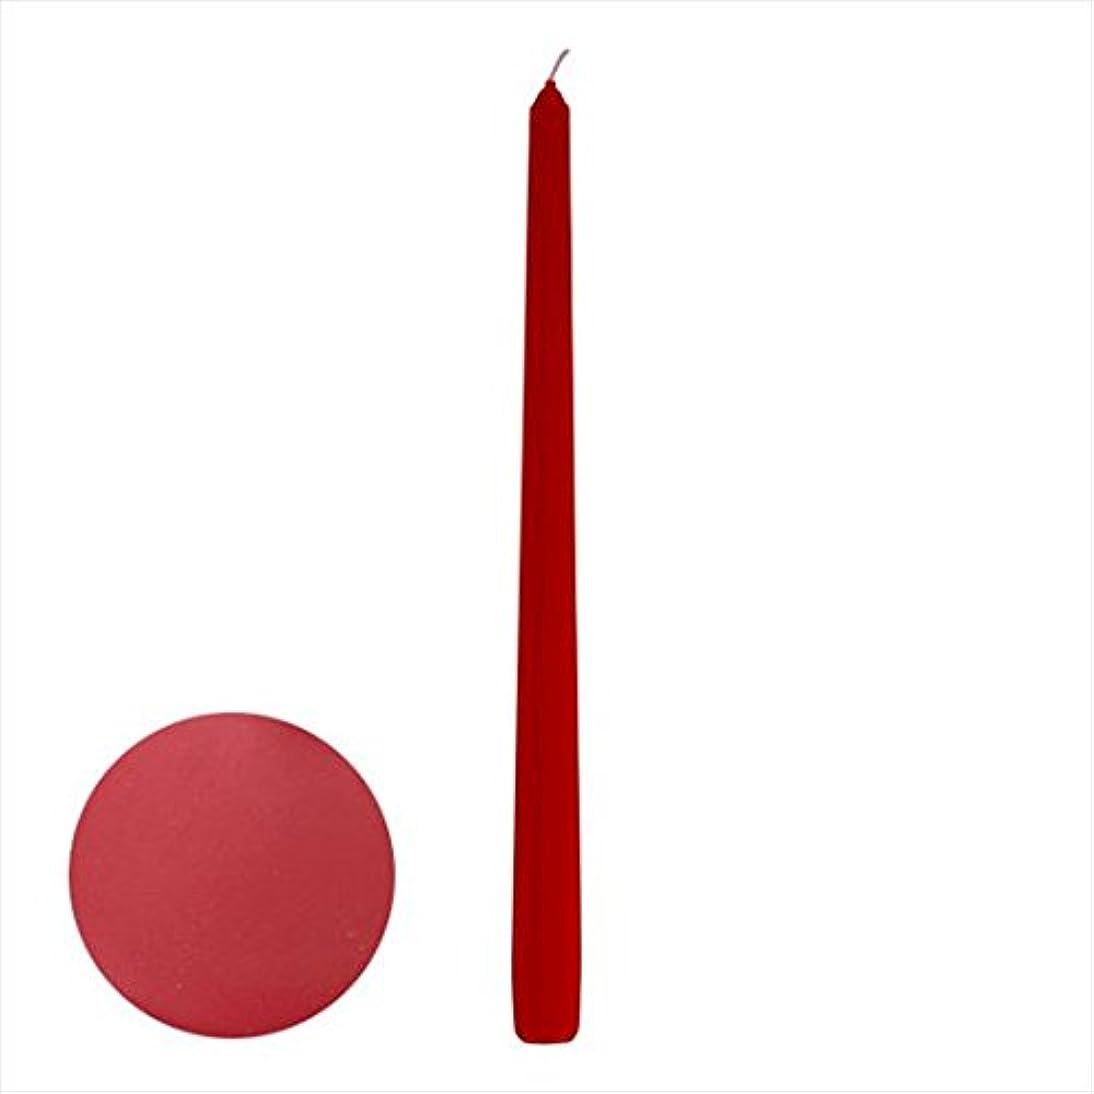 遮る単位標準カメヤマキャンドル(kameyama candle) 12インチテーパー 「 ダークレッド 」 12本入り